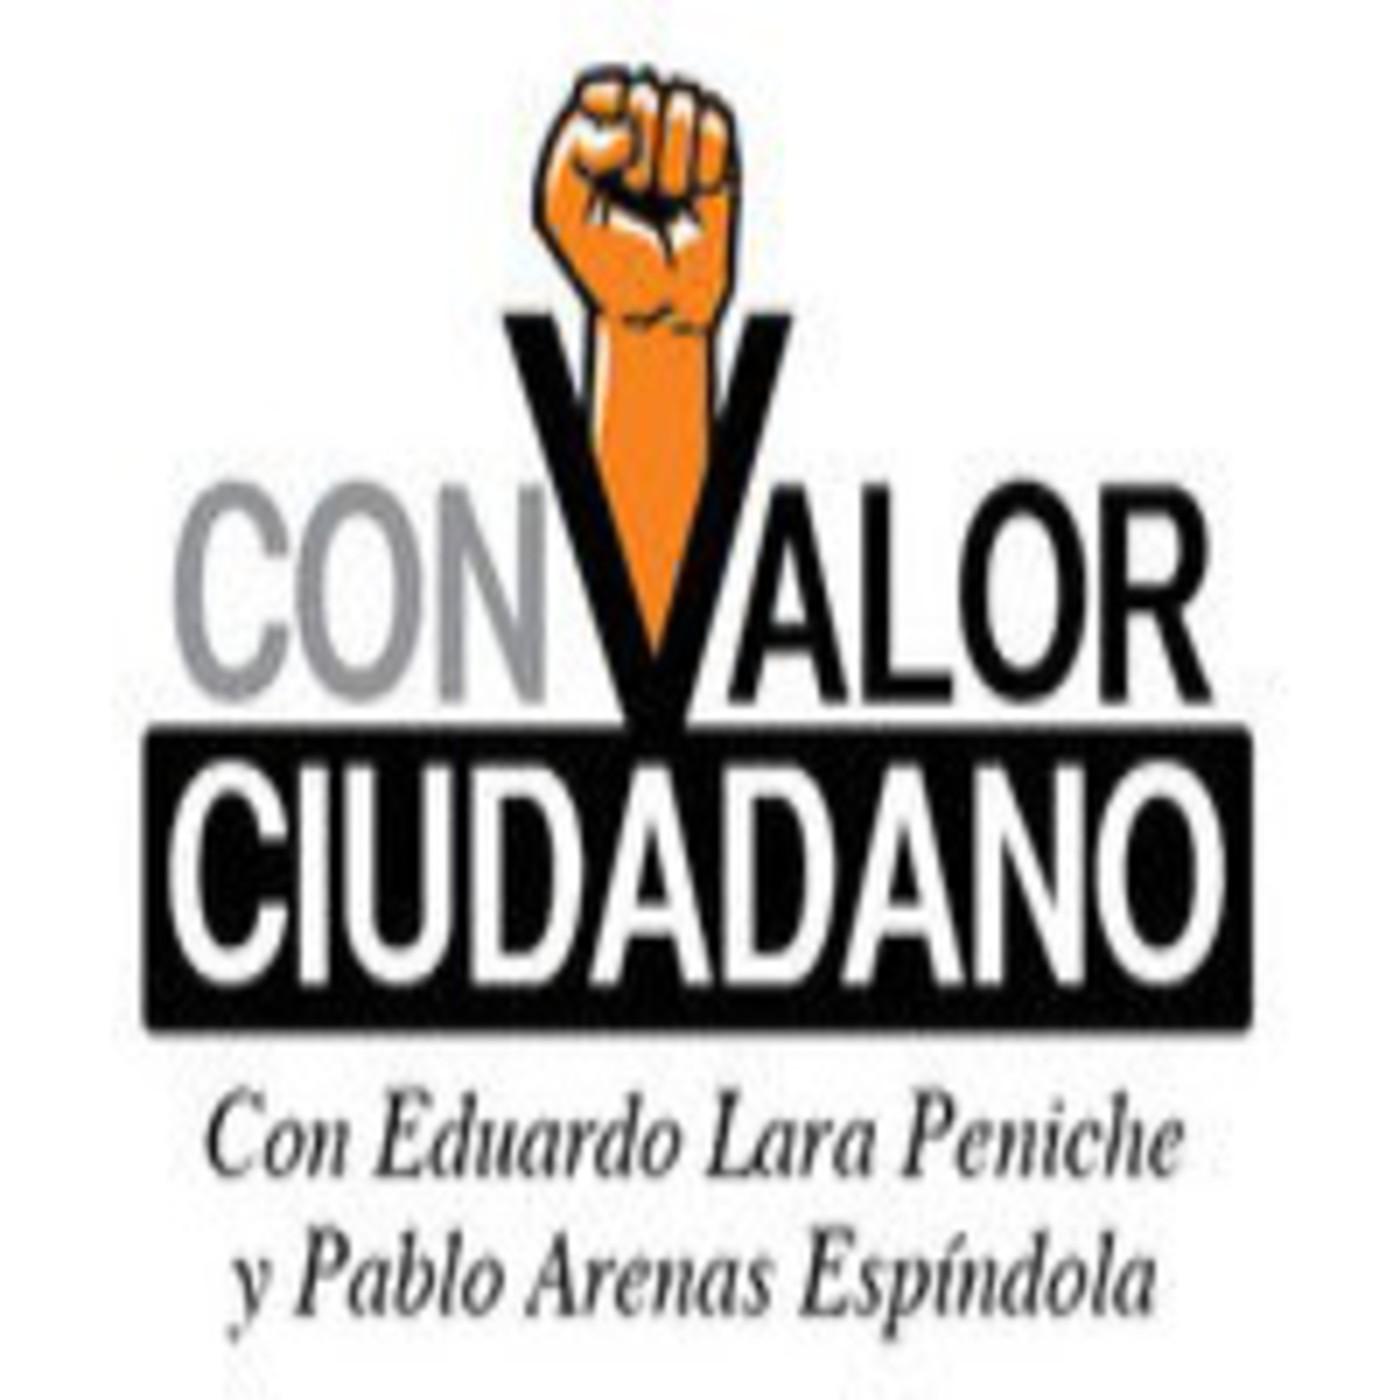 <![CDATA[Con Valor Ciudadano]]>